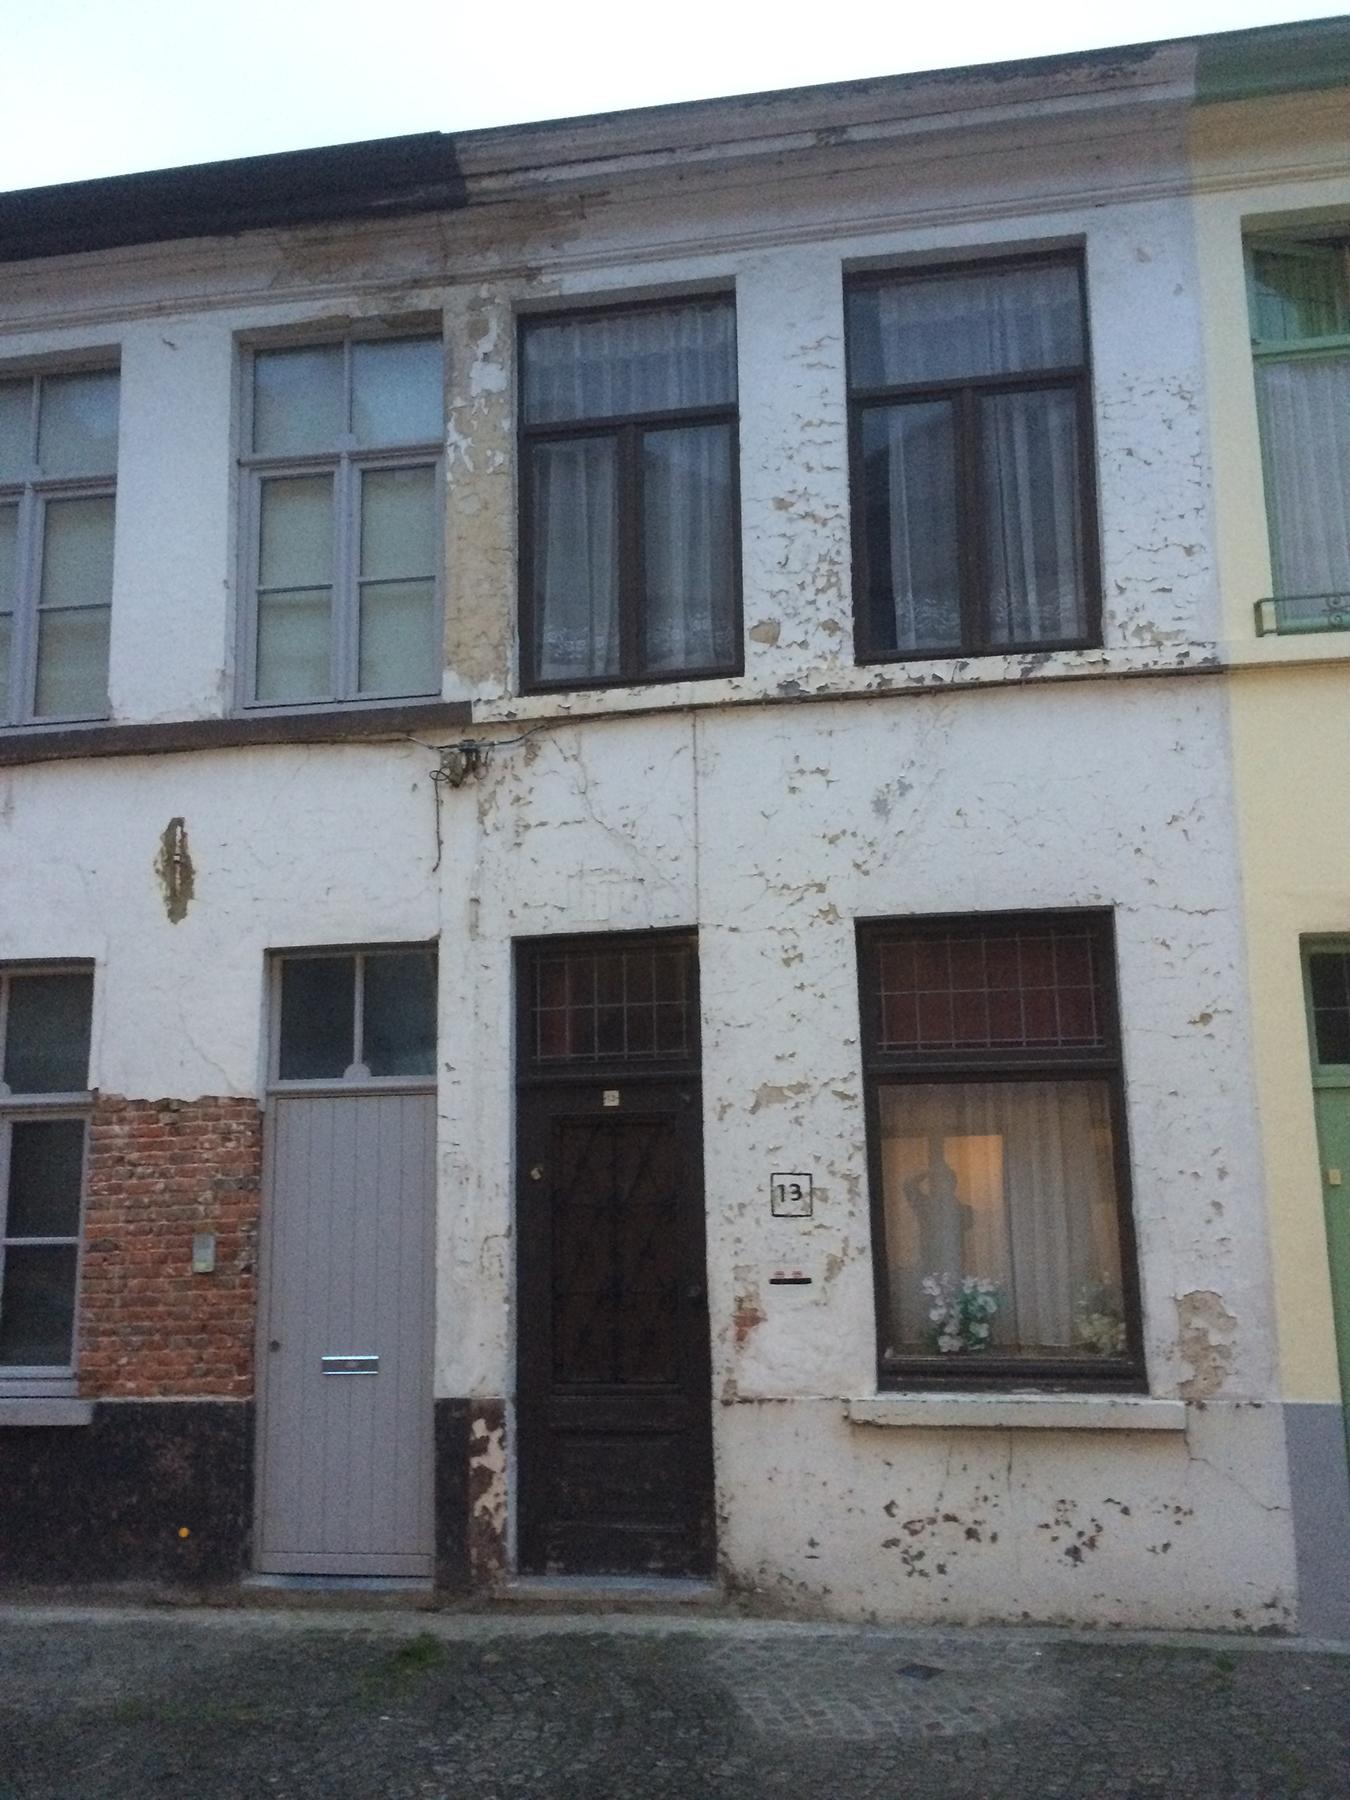 Totaalrenovatie Brugge voor.jpg